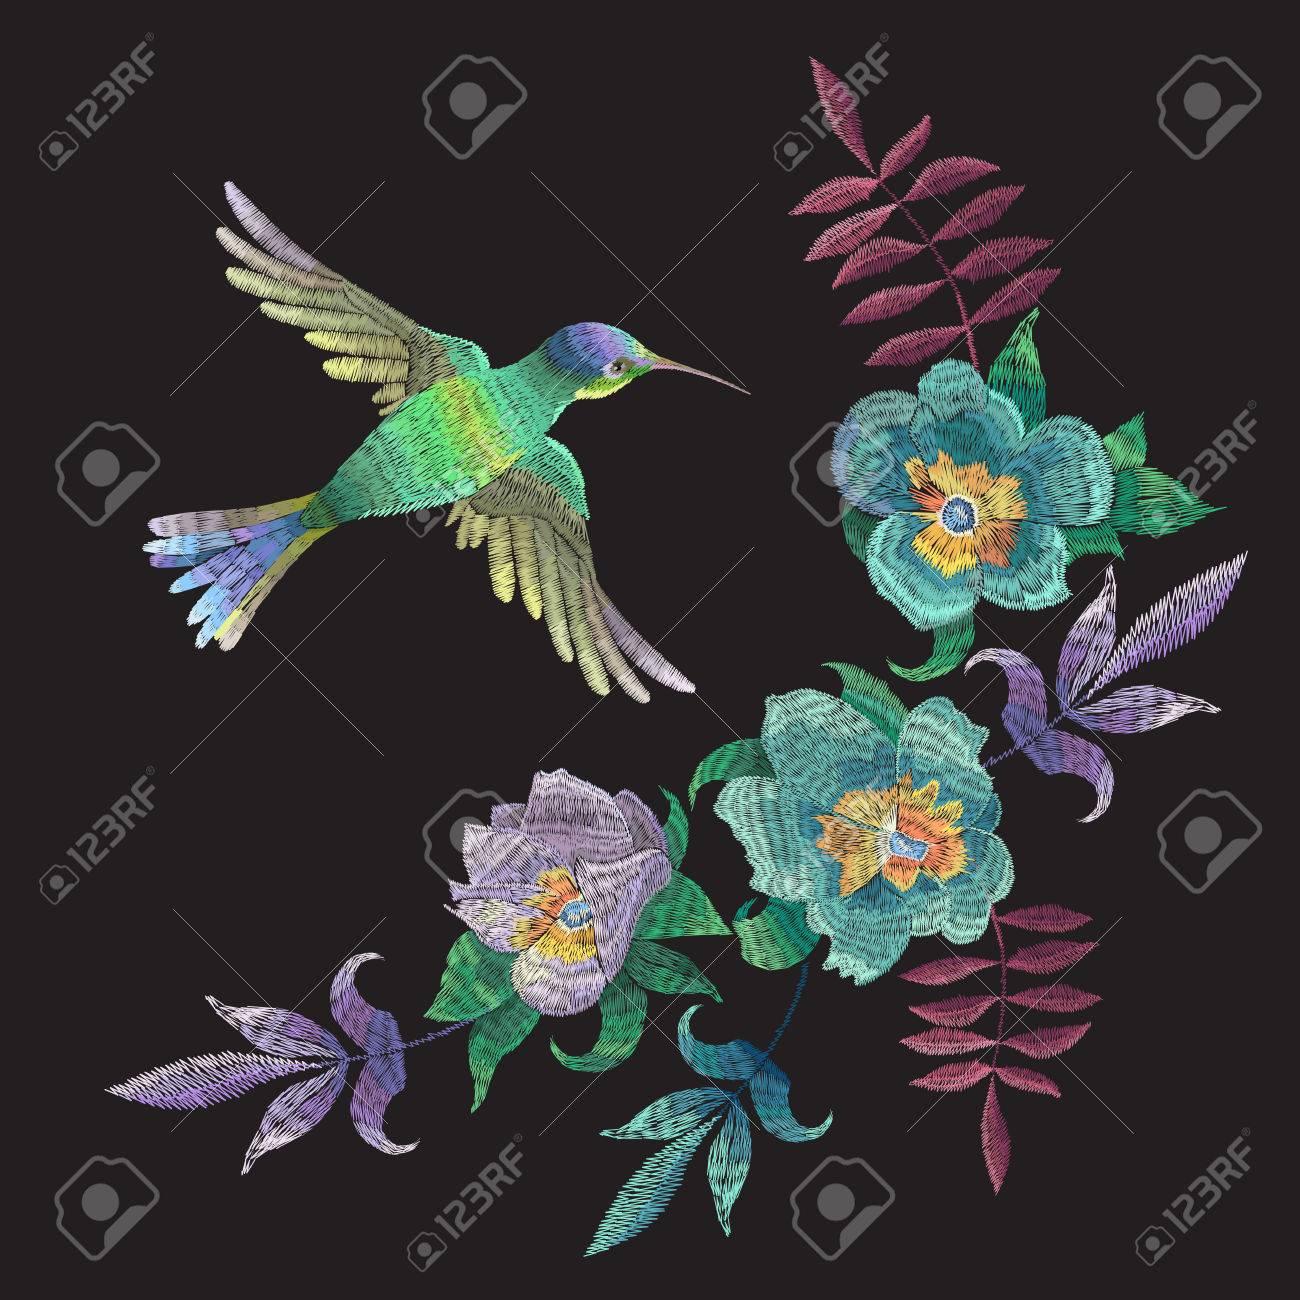 Patrón De Moda De Bordado Con Colibrí Y Flores Exóticas. Vector ...